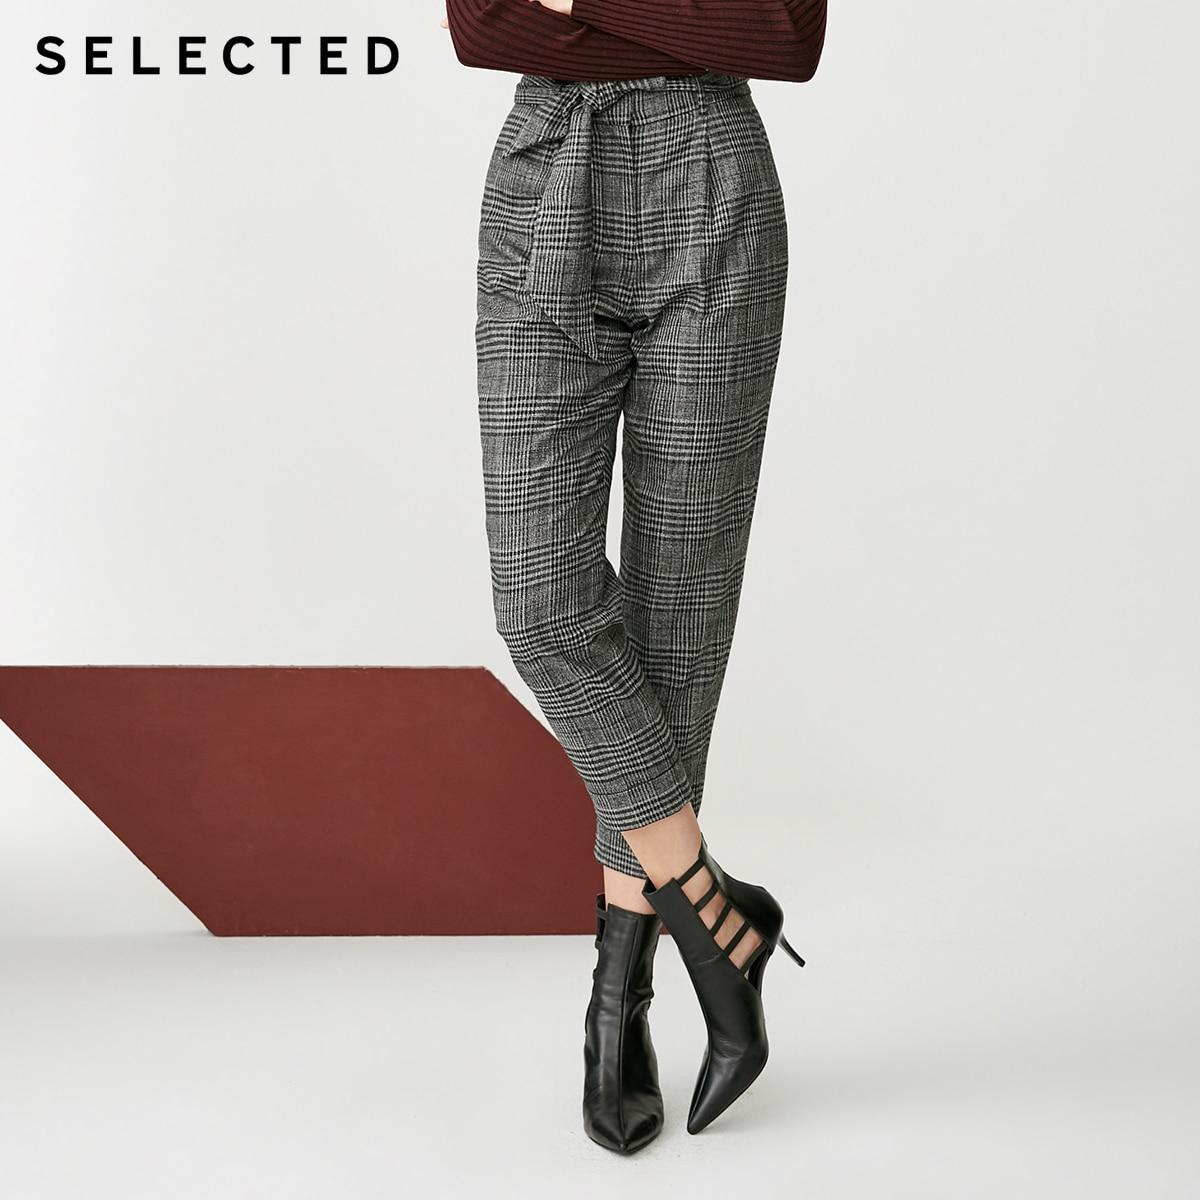 Pantalones cortos ajustados de encaje a cuadros para mujer seleccionados  418414509-in Pantalones y pantalones pirata from Ropa de mujer    1